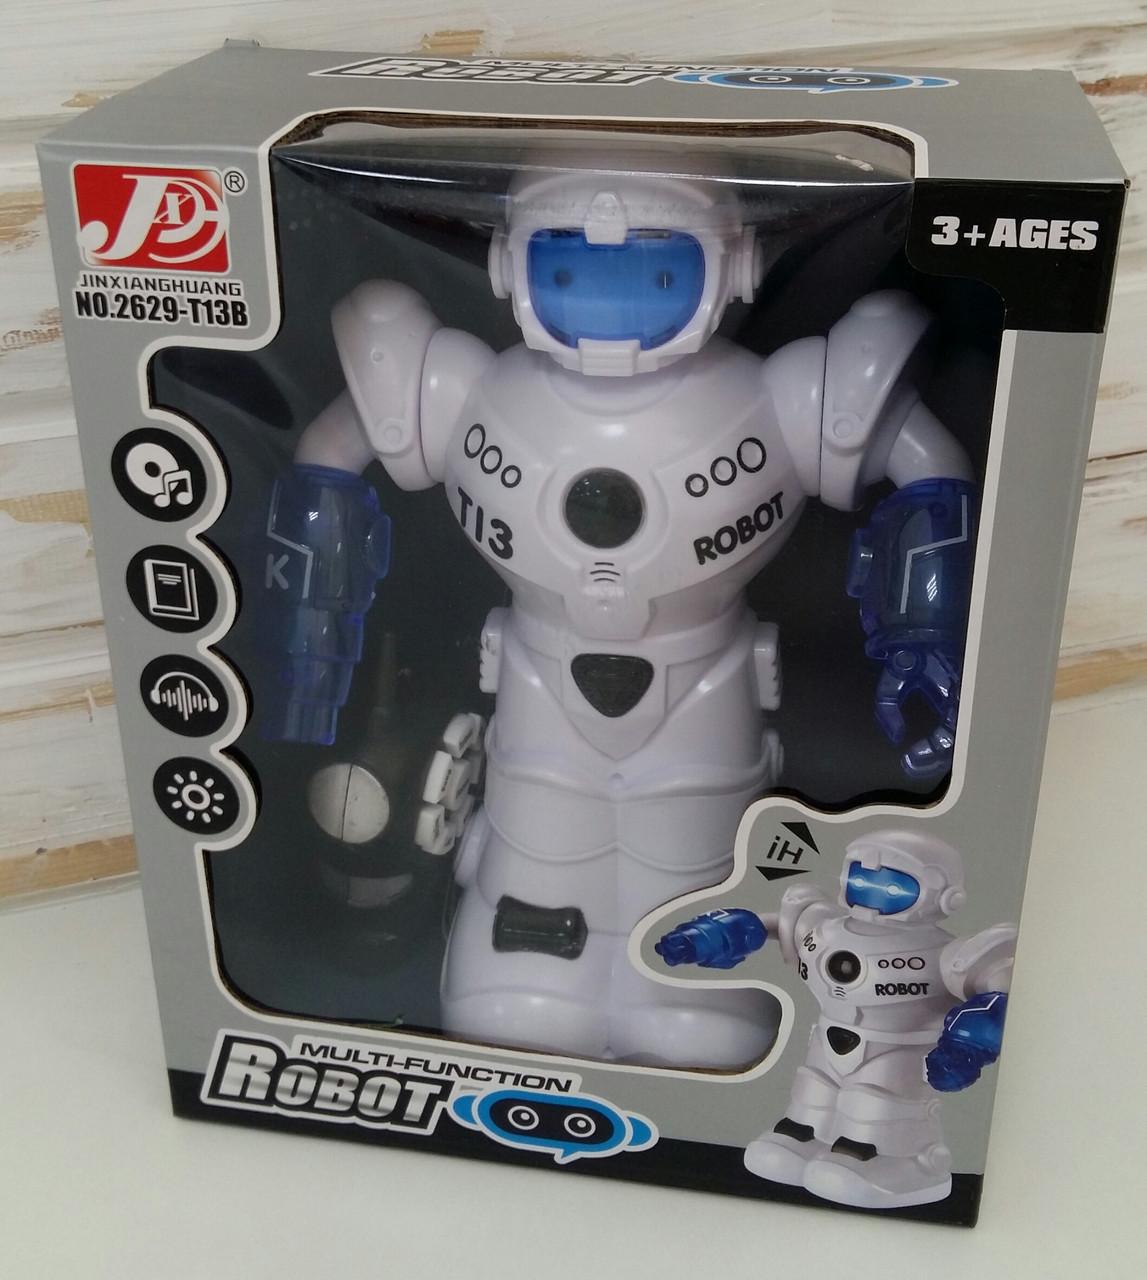 Робот 2629-T13B звук,свет,здит.танцует